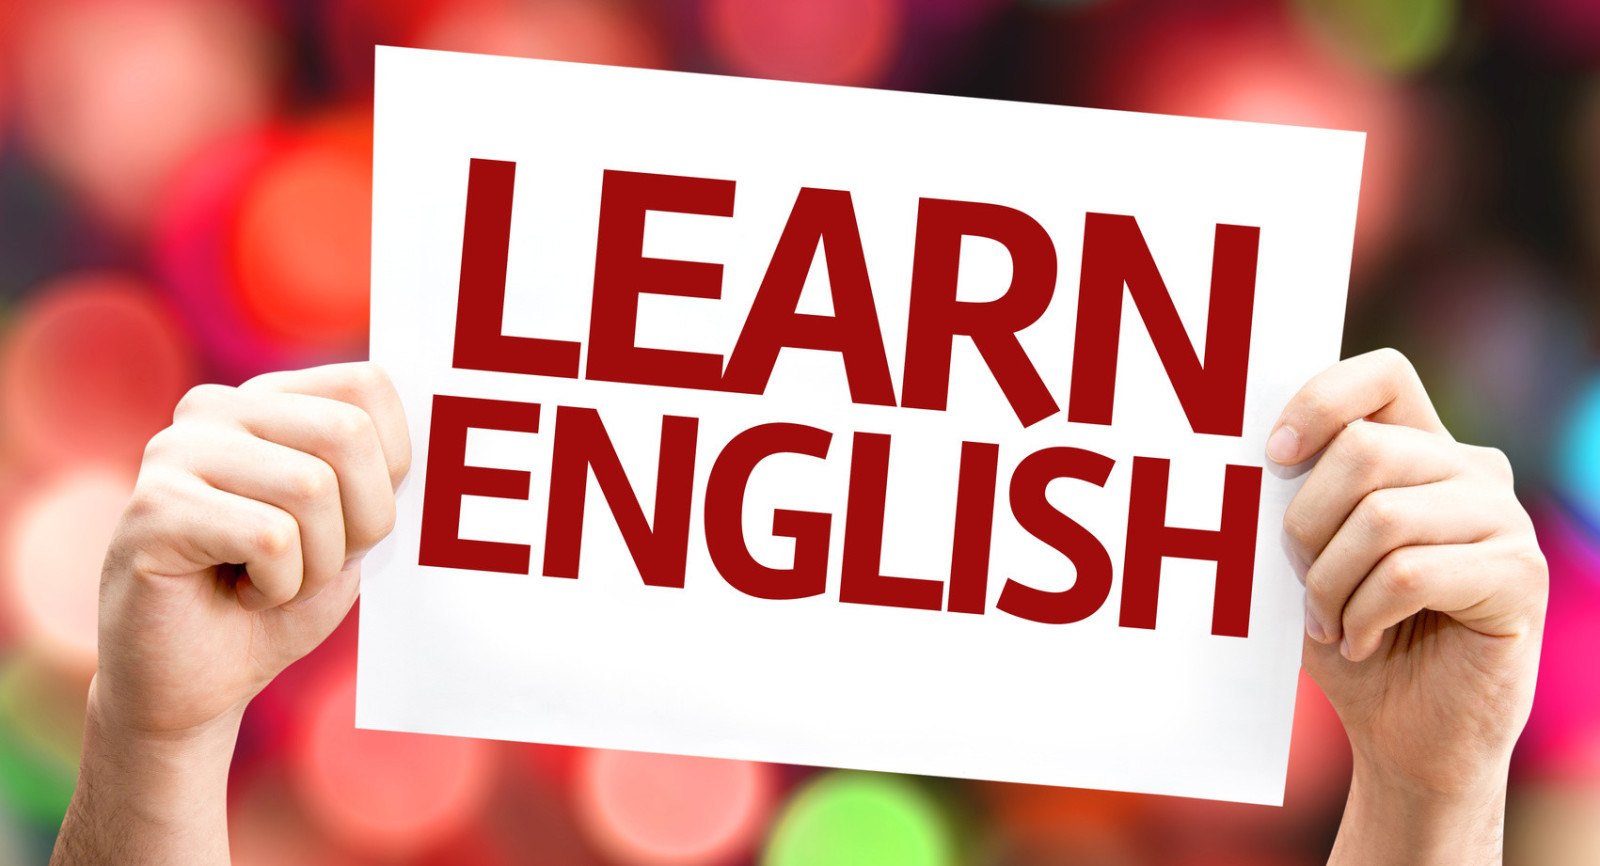 Escola de inglês no Canadá: qual é a melhor para mim? (parte 2)